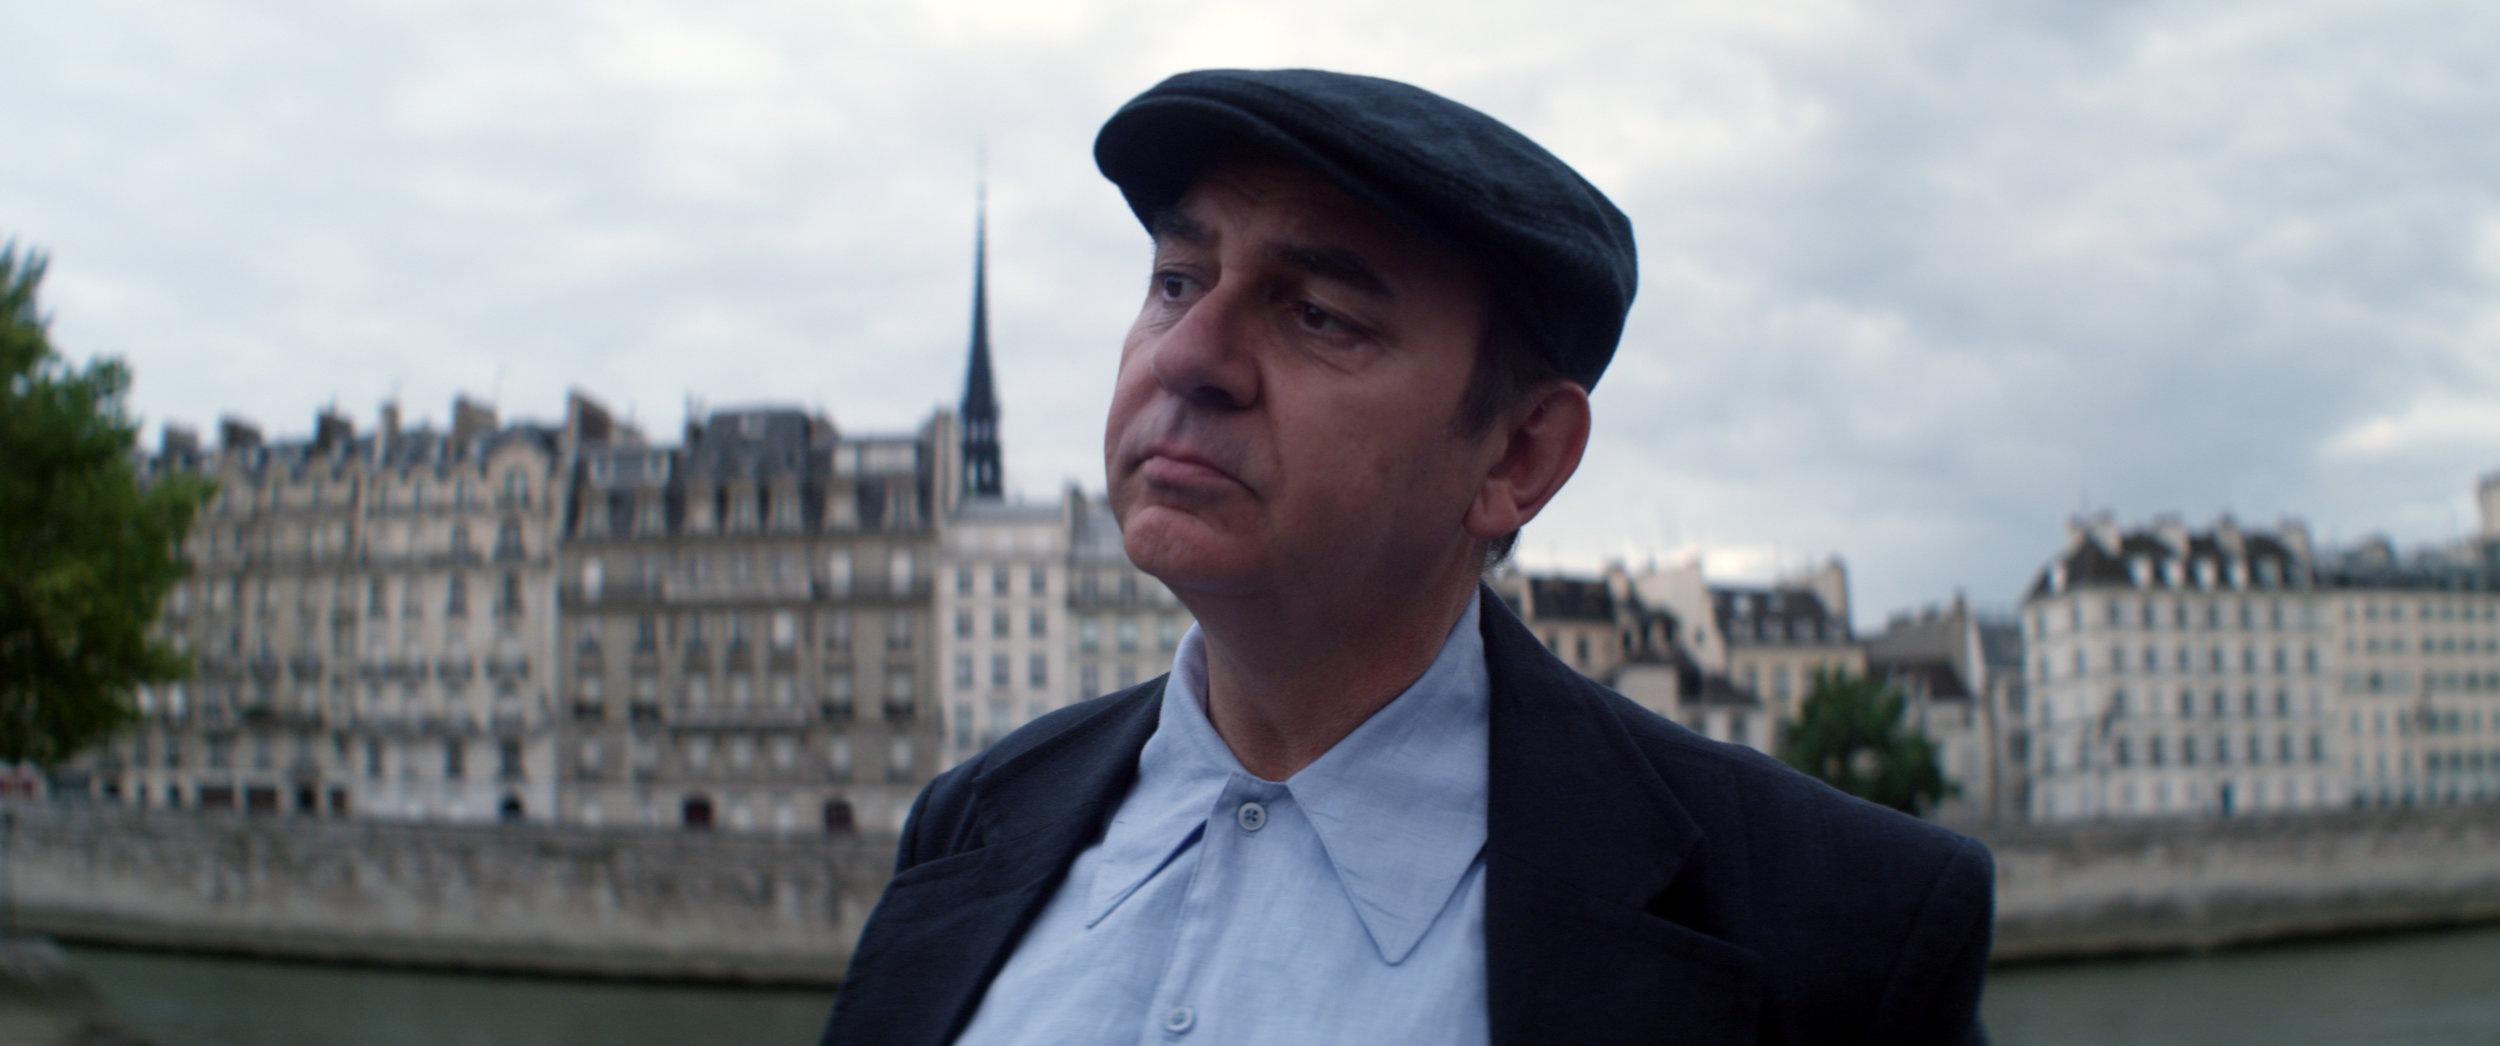 neruda 01 - Luis Gnecco (Pablo Neruda).jpg